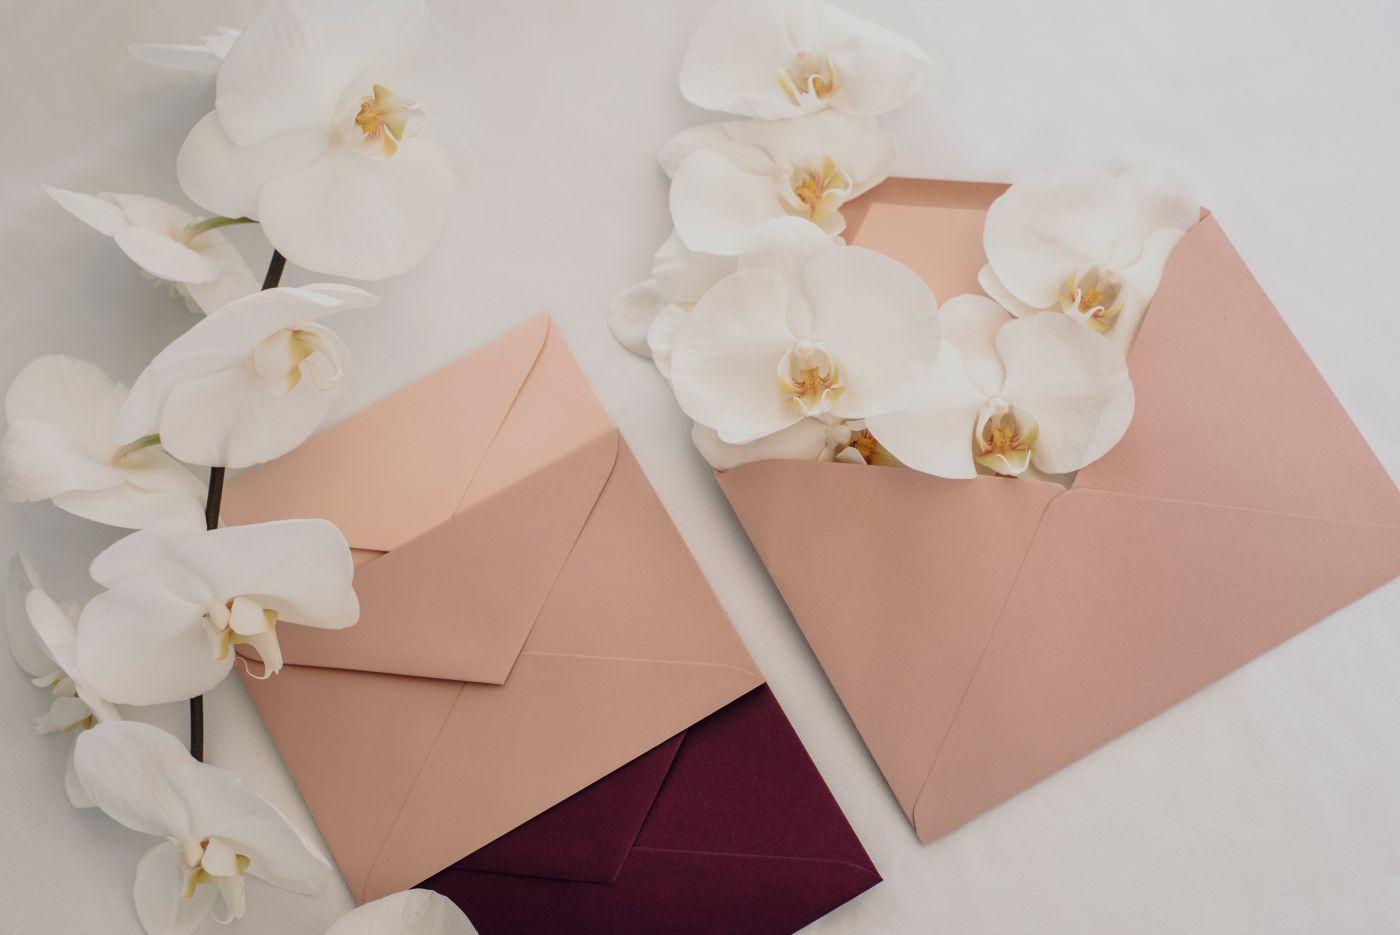 Sobres invitaciones en tonos rosas